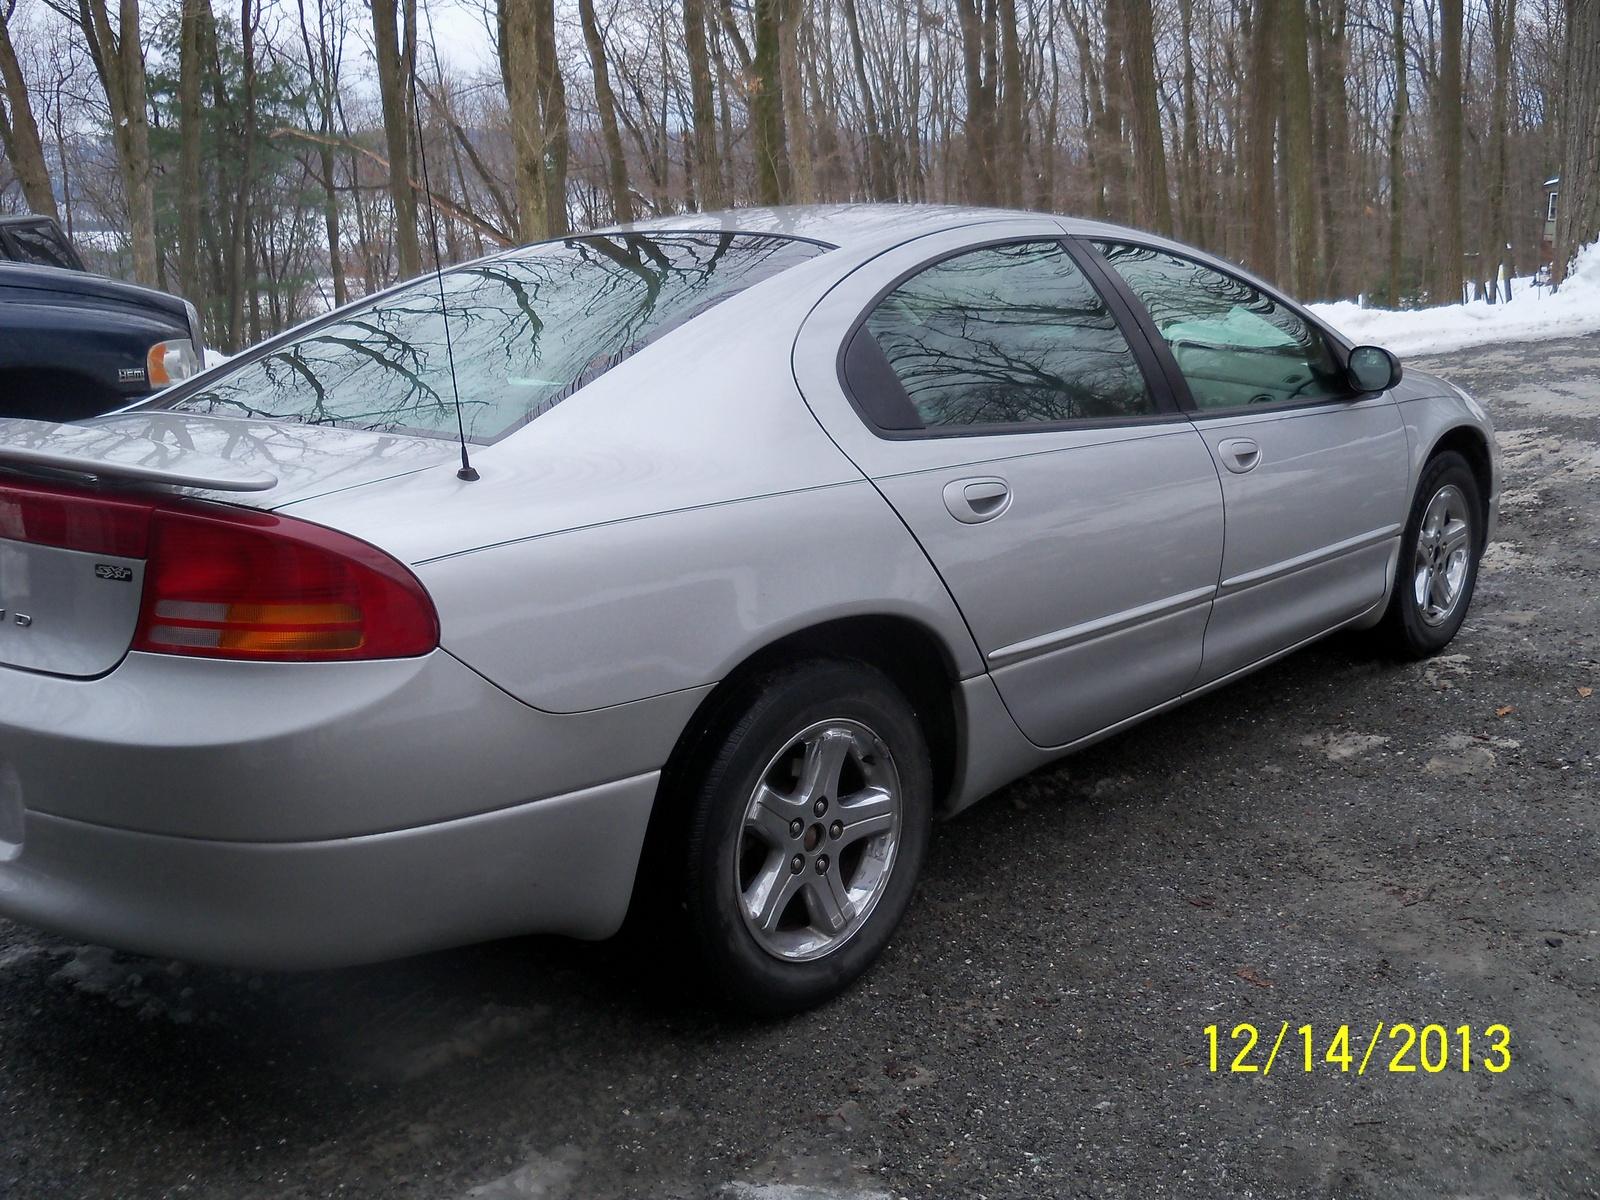 2004 Dodge Intrepid Exterior Pictures Cargurus